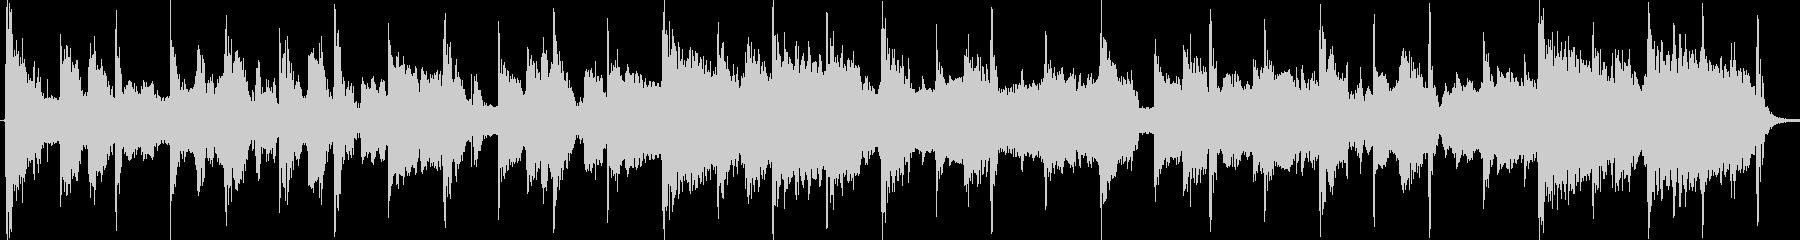 90年代のアメリカンポップジングルの未再生の波形